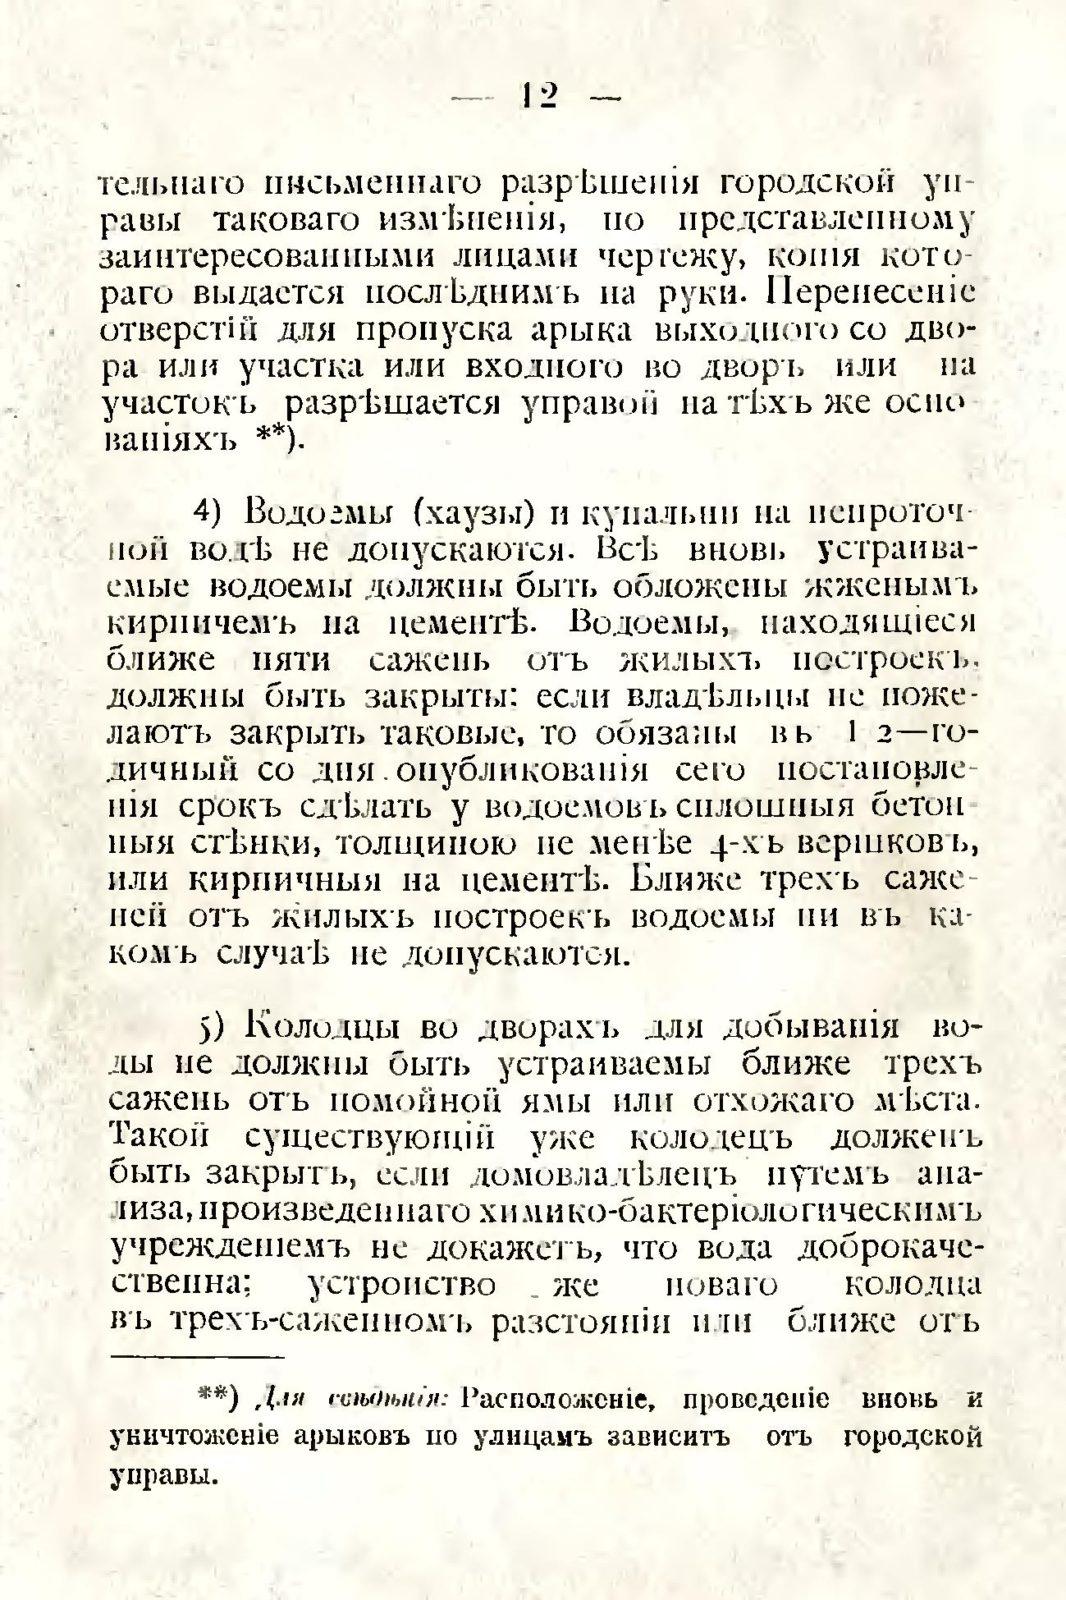 sbornik_obyazatelnyh_postanovlenii_tashkentskoi_gorodskoi_du_16